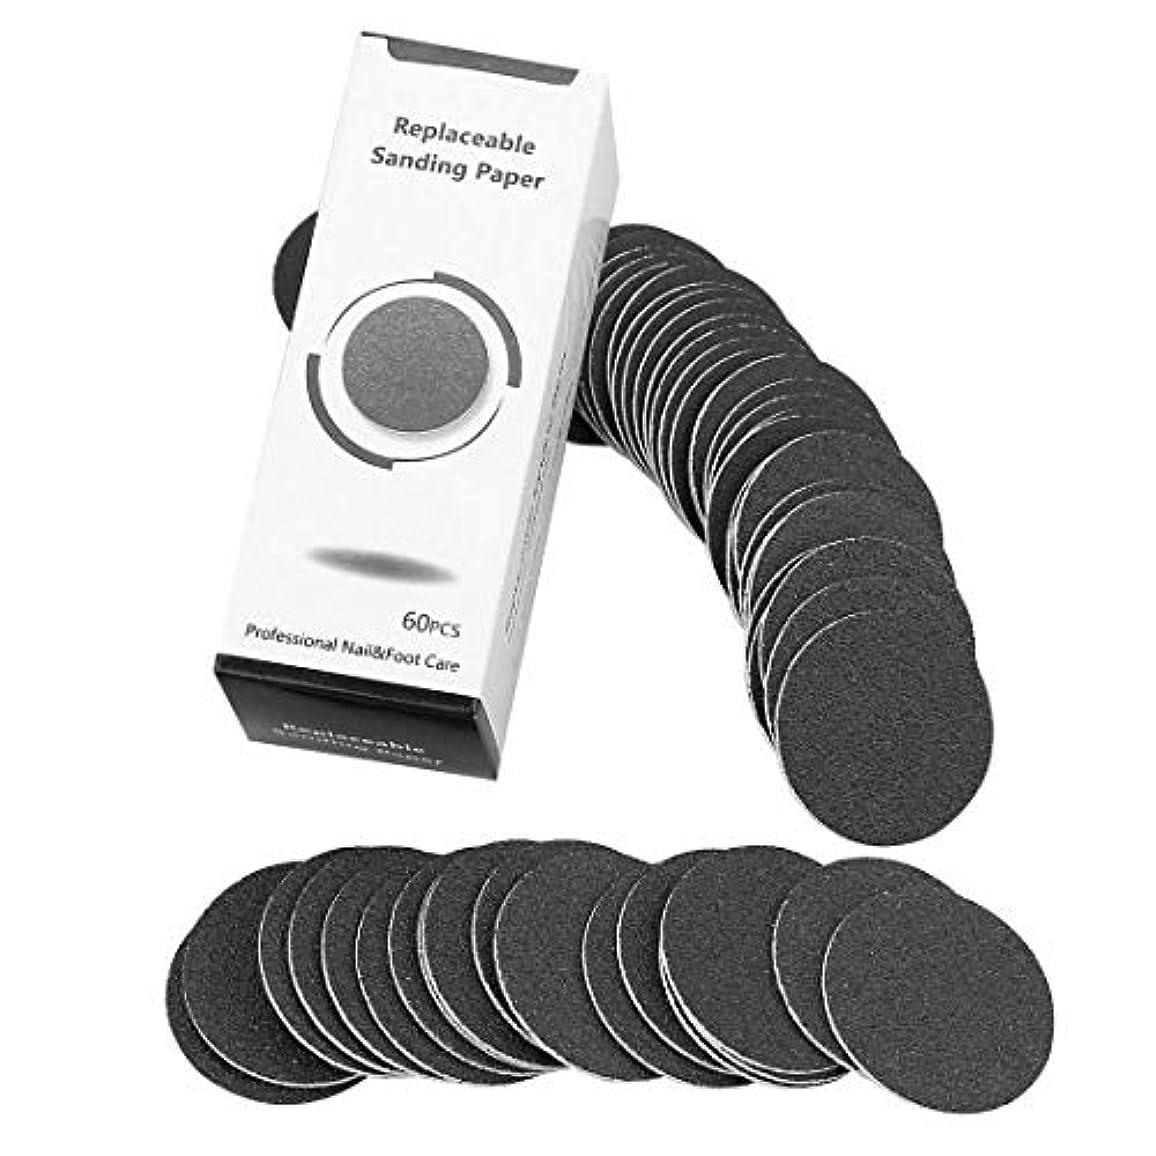 顔料自然もろいプロヒール専用 交換用サンディングペーパー 60枚入り 角質削り (磨き紙 60枚)